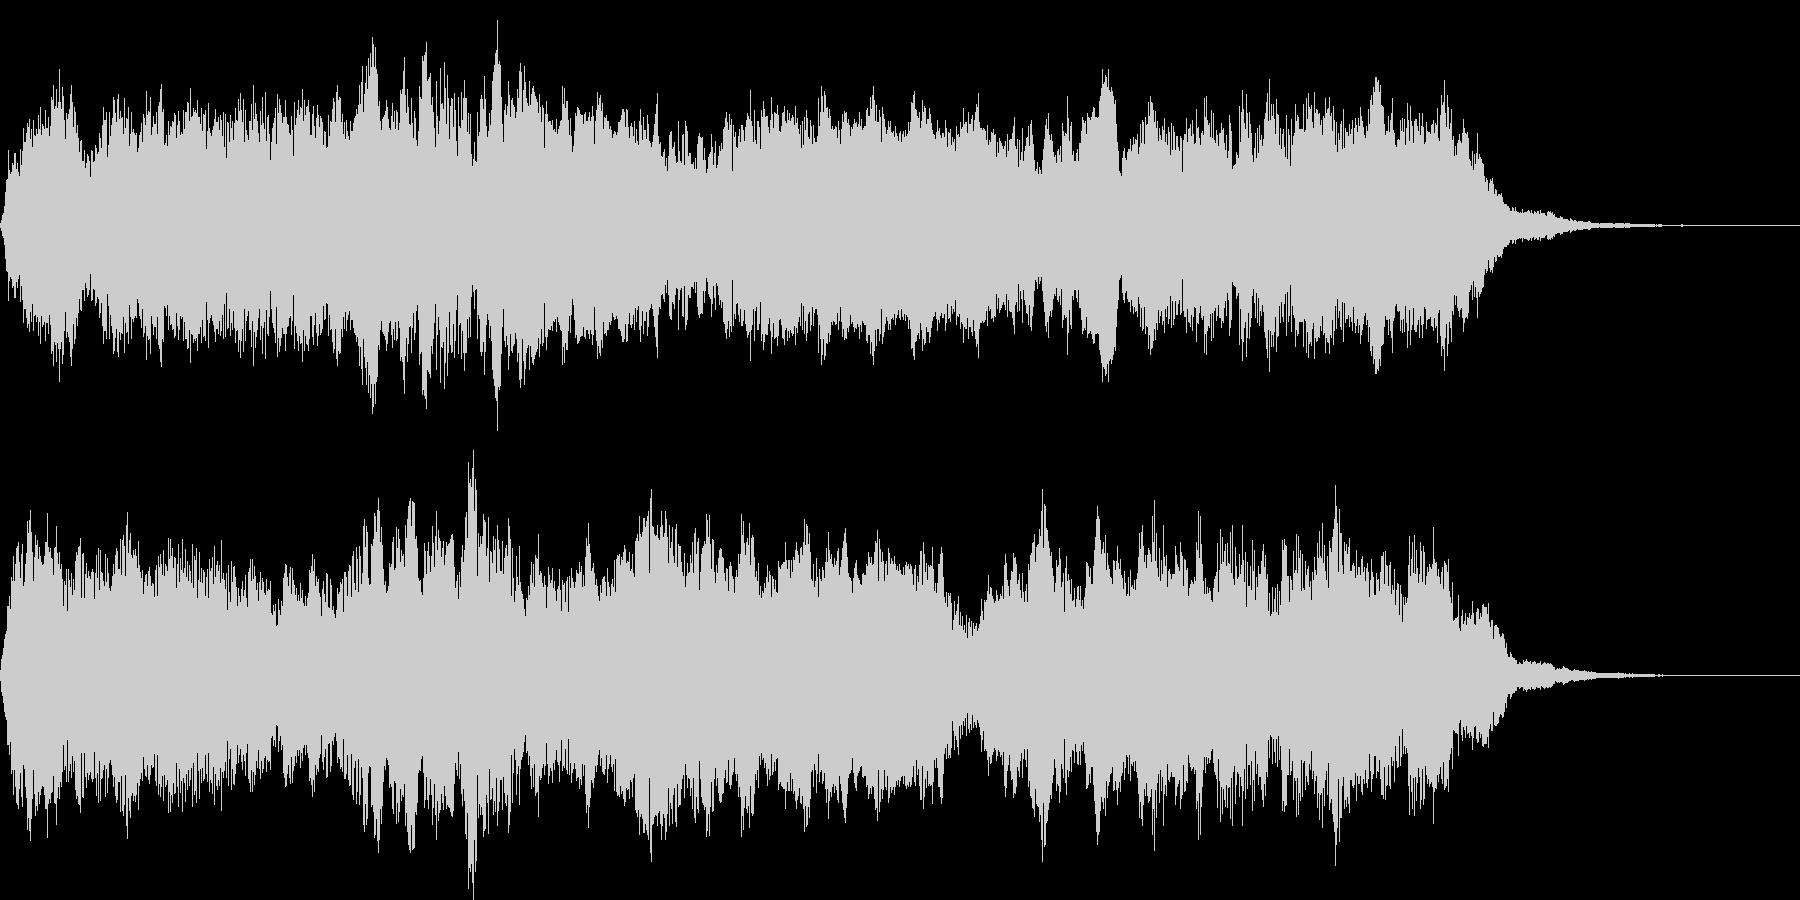 アンビエント オープニング 空間 音の未再生の波形